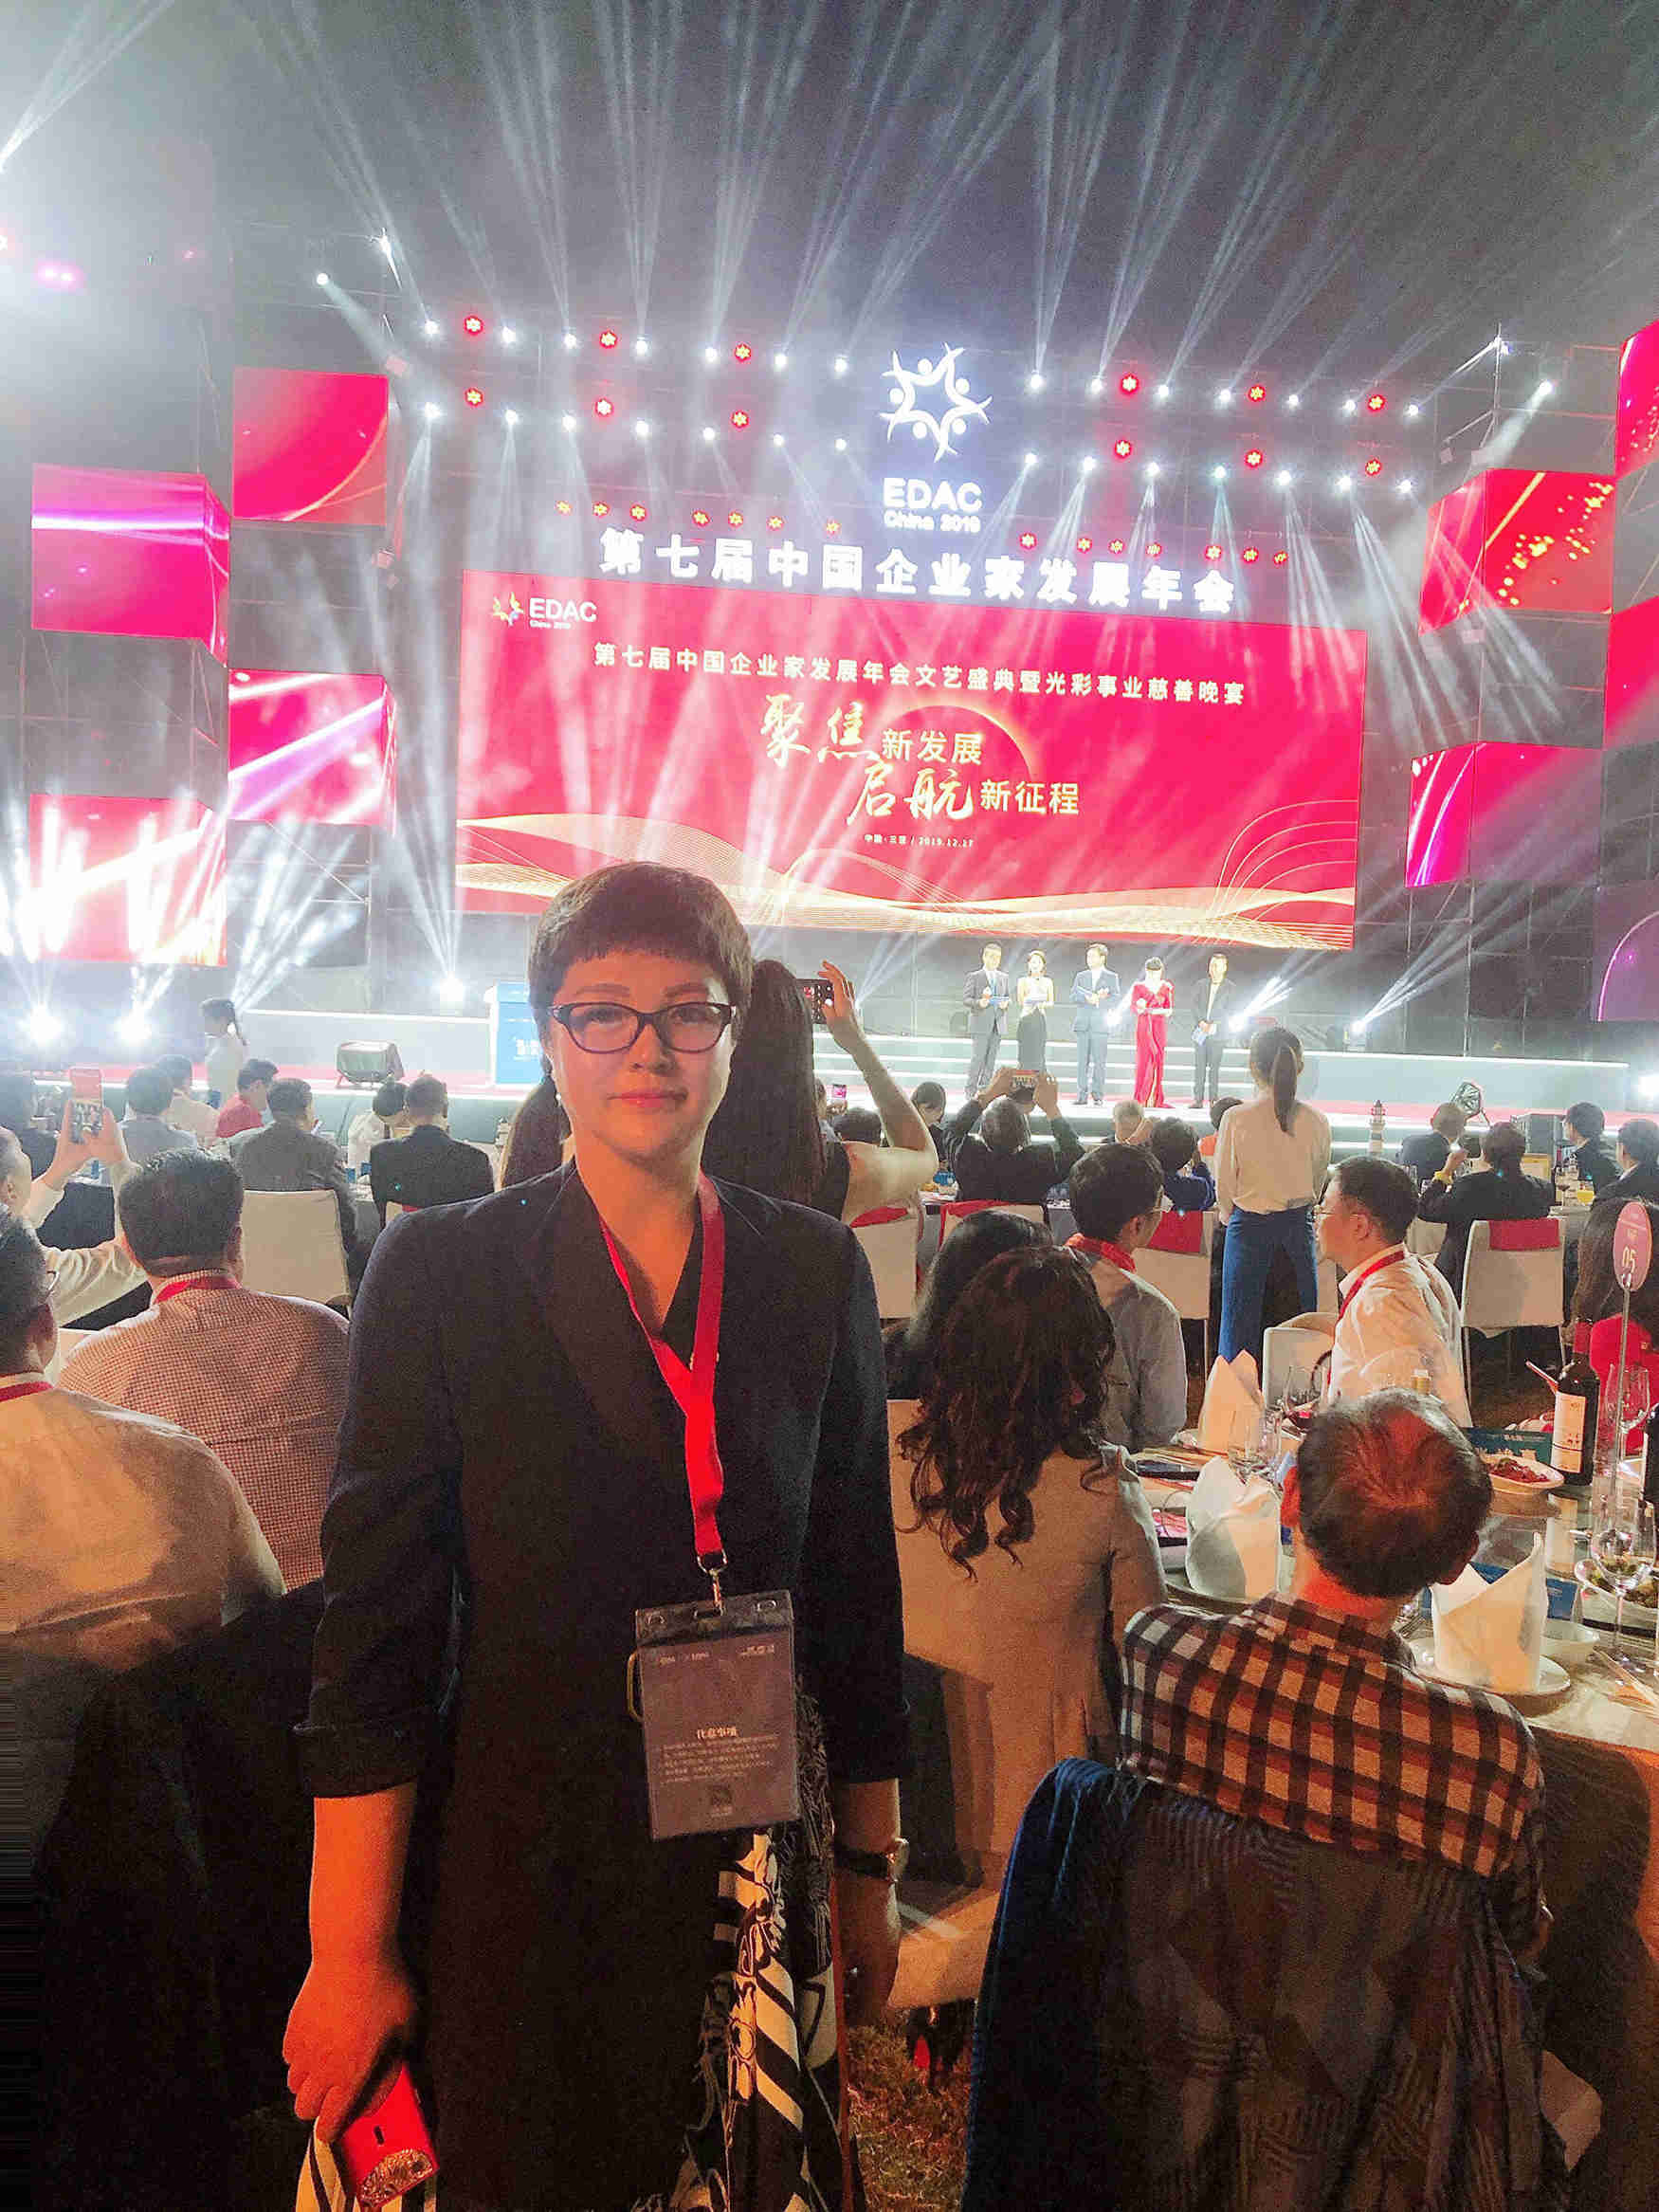 北京英国威廉希尔公司鸿图科技有限公司董事长魏丽虹受邀出席第七届中国企业家发展年会,荣获2019·优秀品牌奖